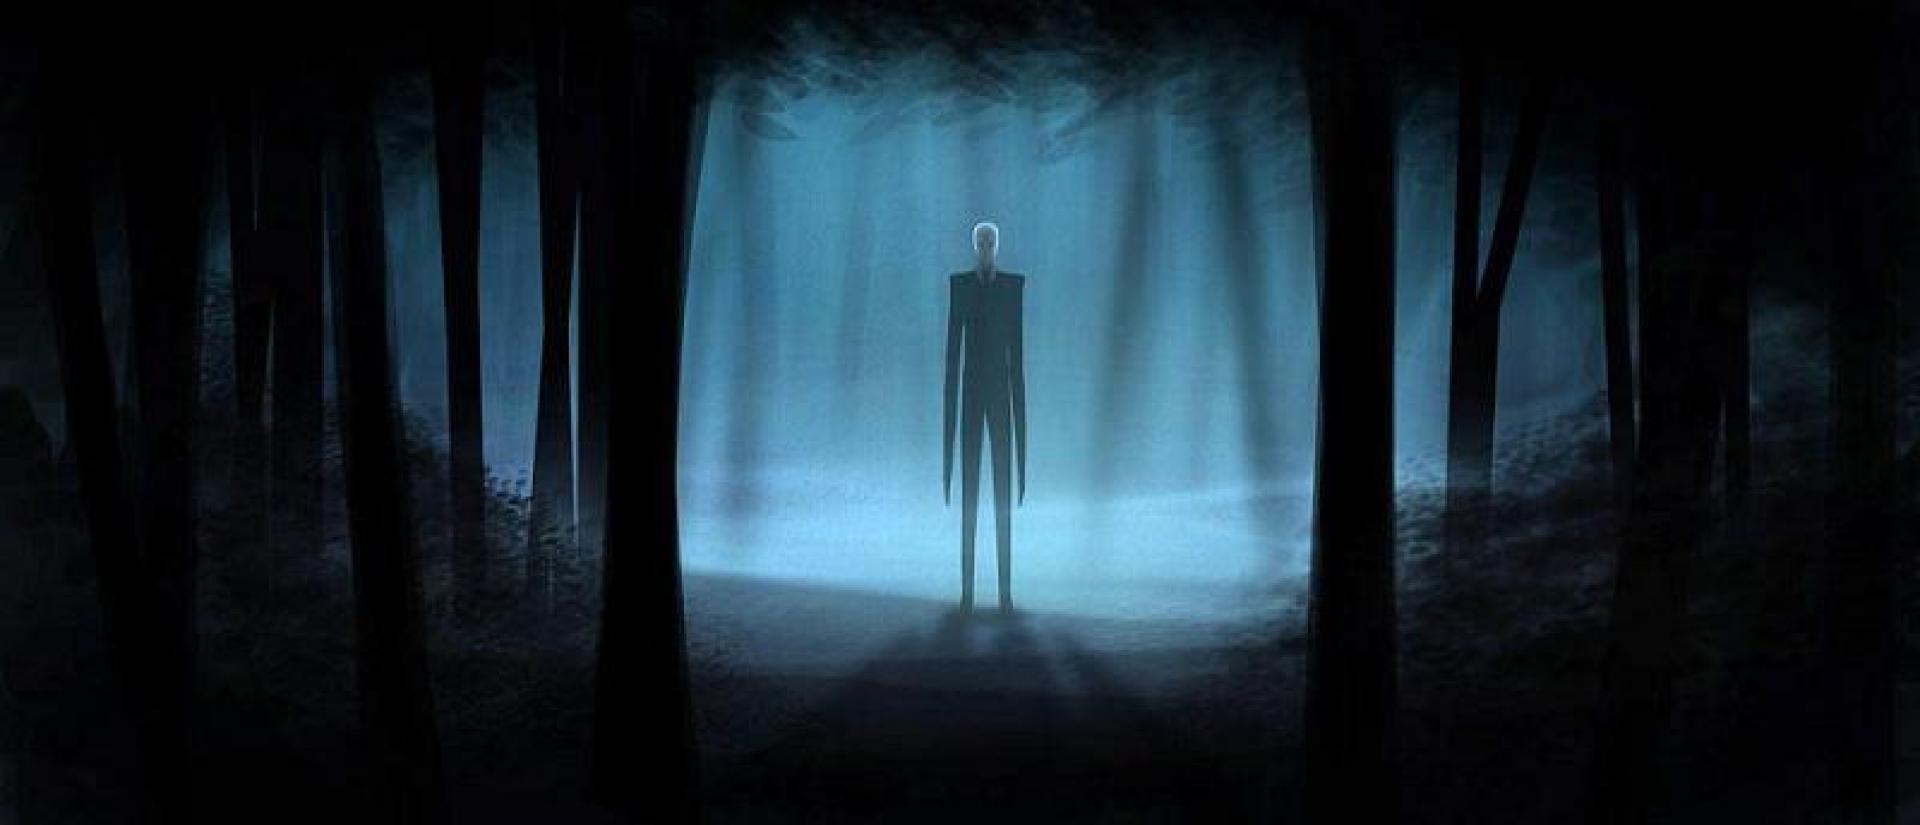 Új trailer érkezett a Slender Man filmhez